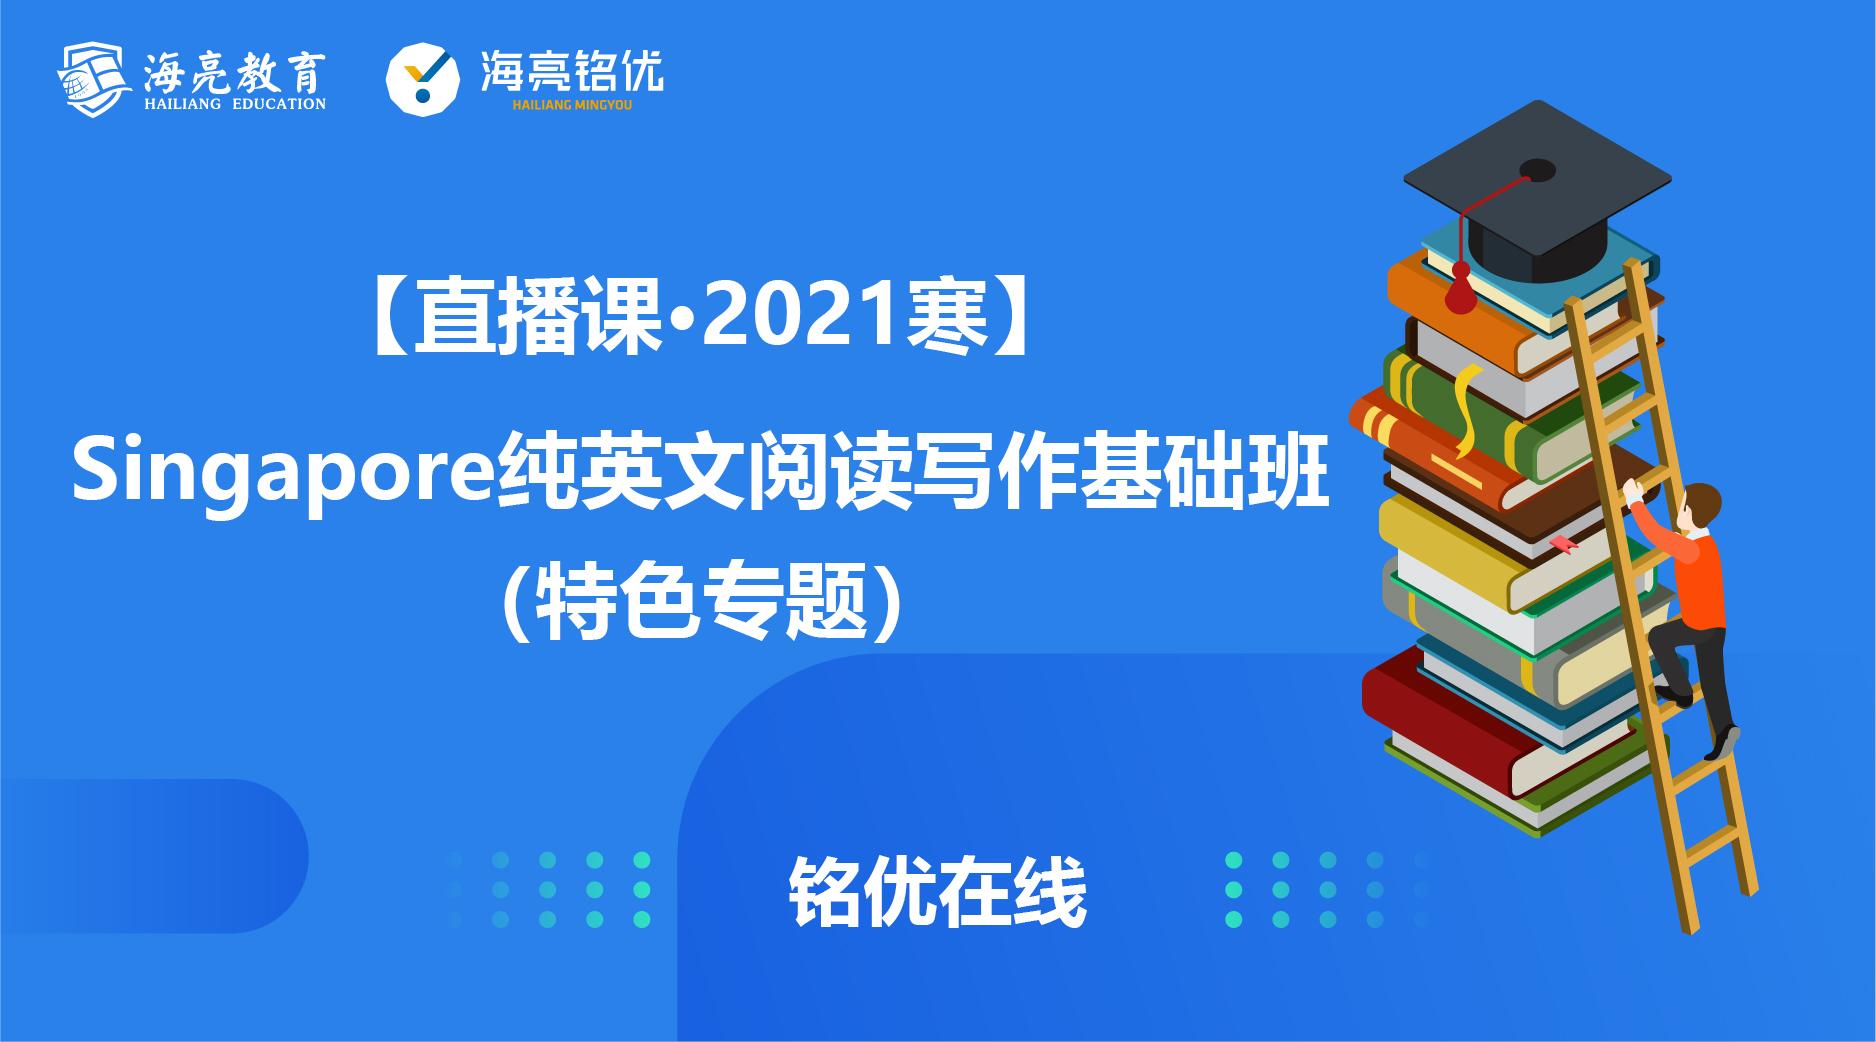 【直播课·2021寒】Singapore纯英文阅读写作基础班(特色专题)